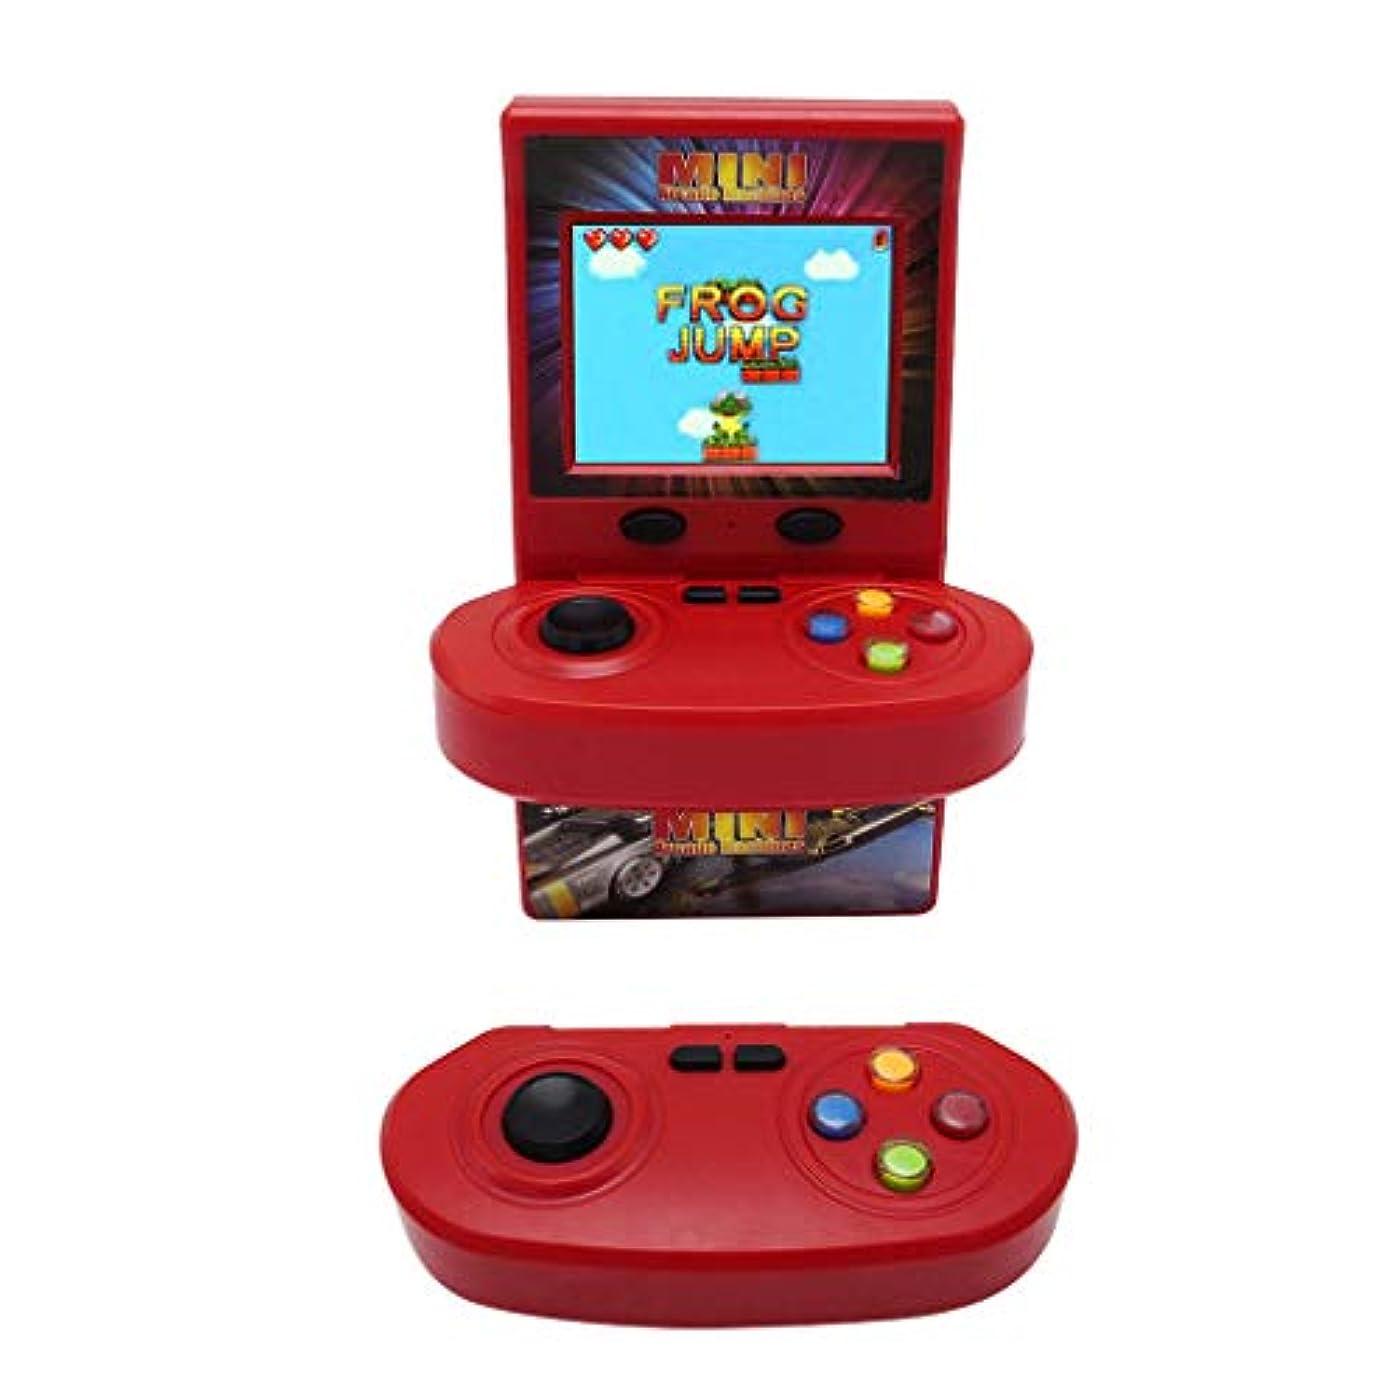 ハンディキャップパドル開始ゲームコンソール ダブルワイヤレスジョイスティック アーケードゲーム コンソール ノスタルジック 100ゲーム ゲームプレーヤー ダブルハンドル 携帯ゲーム機huajuan